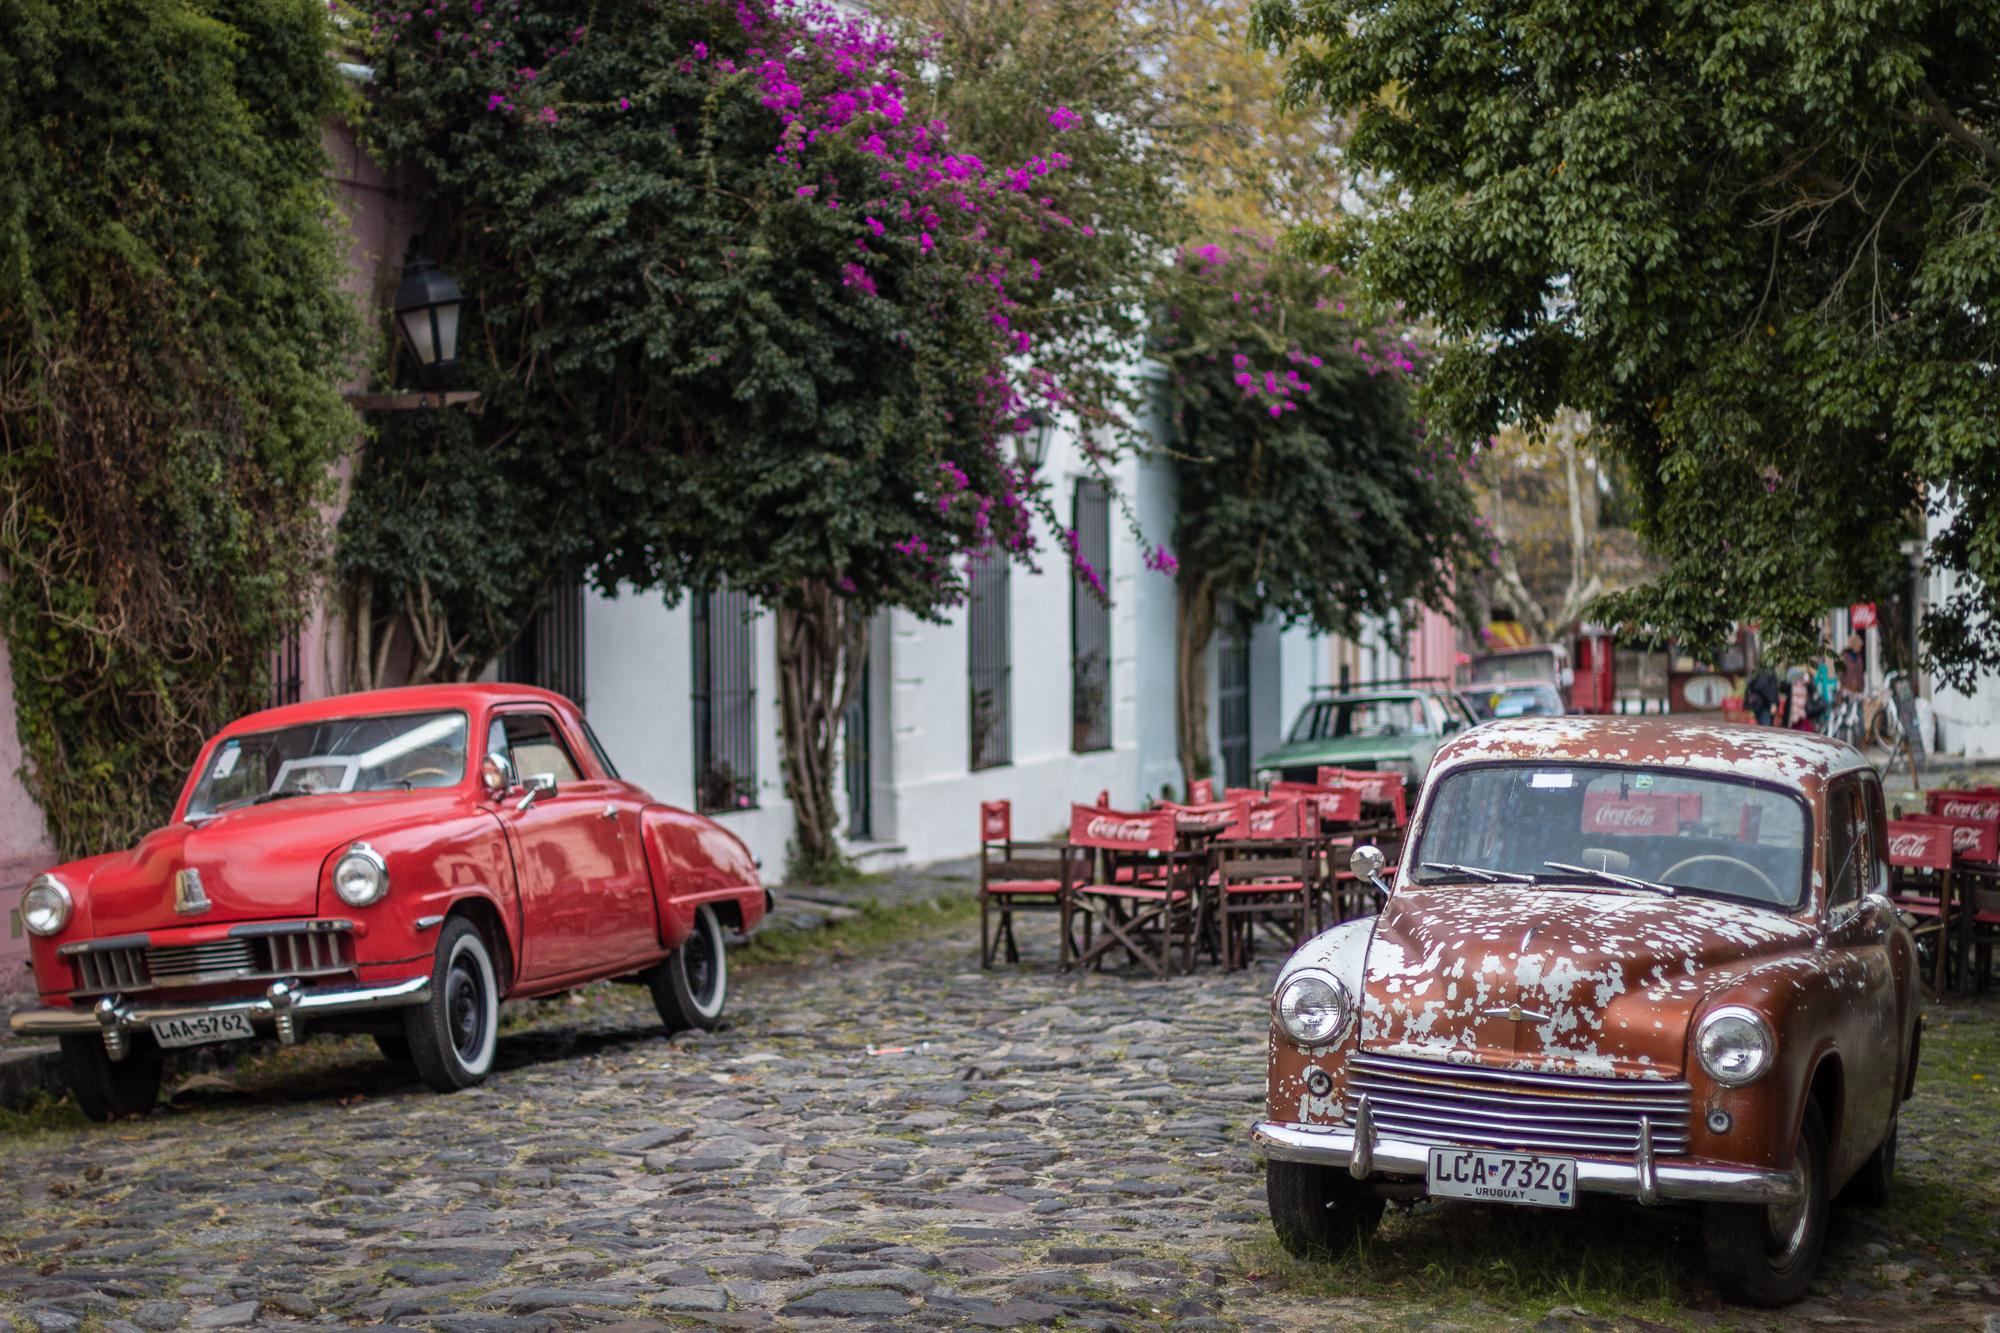 vieilles voitures roiges colonia del sacramento